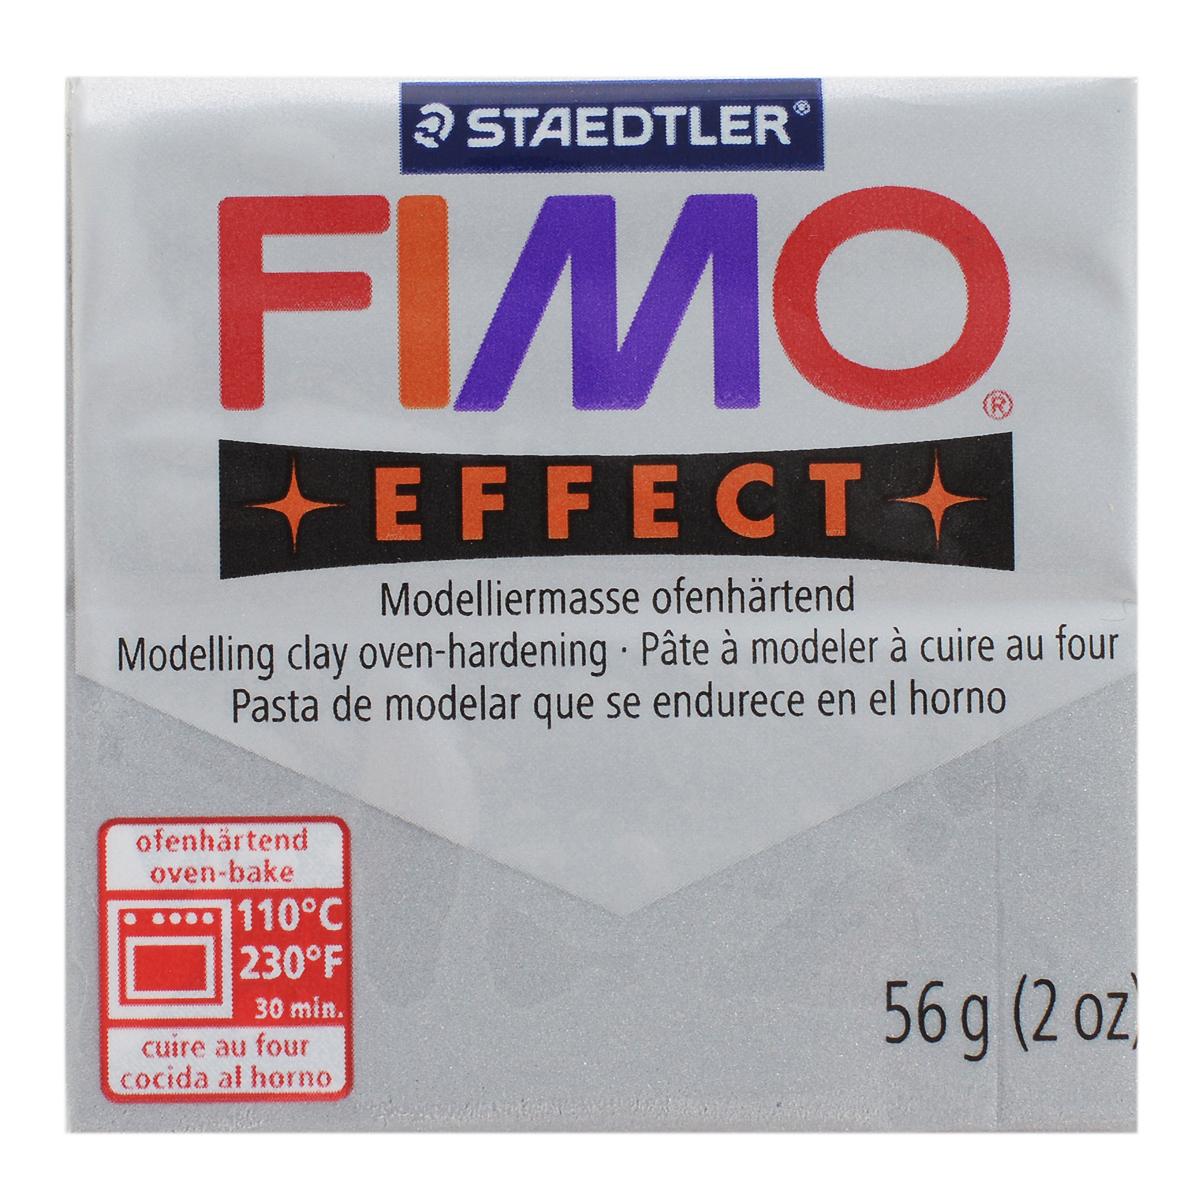 Полимерная глина Fimo Effect Metallic, цвет: серебро, 56 г8020-81Мягкая глина на полимерной основе (пластика) Fimo Effect Metallic идеально подходит для лепки небольших изделий (украшений, скульптурок, кукол) и для моделирования. Глина обладает отличными пластичными свойствами, хорошо размягчается и лепится, легко смешивается между собой, благодаря чему можно создать огромное количество поделок любых цветов и оттенков. Блок поделен на восемь сегментов, что позволяет легче разделять глину на порции. В домашних условиях готовая поделка выпекается в духовом шкафу при температуре 110°С в течении 15-30 минут (в зависимости от величины изделия). Отвердевшие изделия могут быть раскрашены акриловыми красками, покрыты лаком, склеены друг с другом или с другими материалами. Состав: поливинилхлорид, пластификаторы, неорганические наполнители, цветные пигменты.